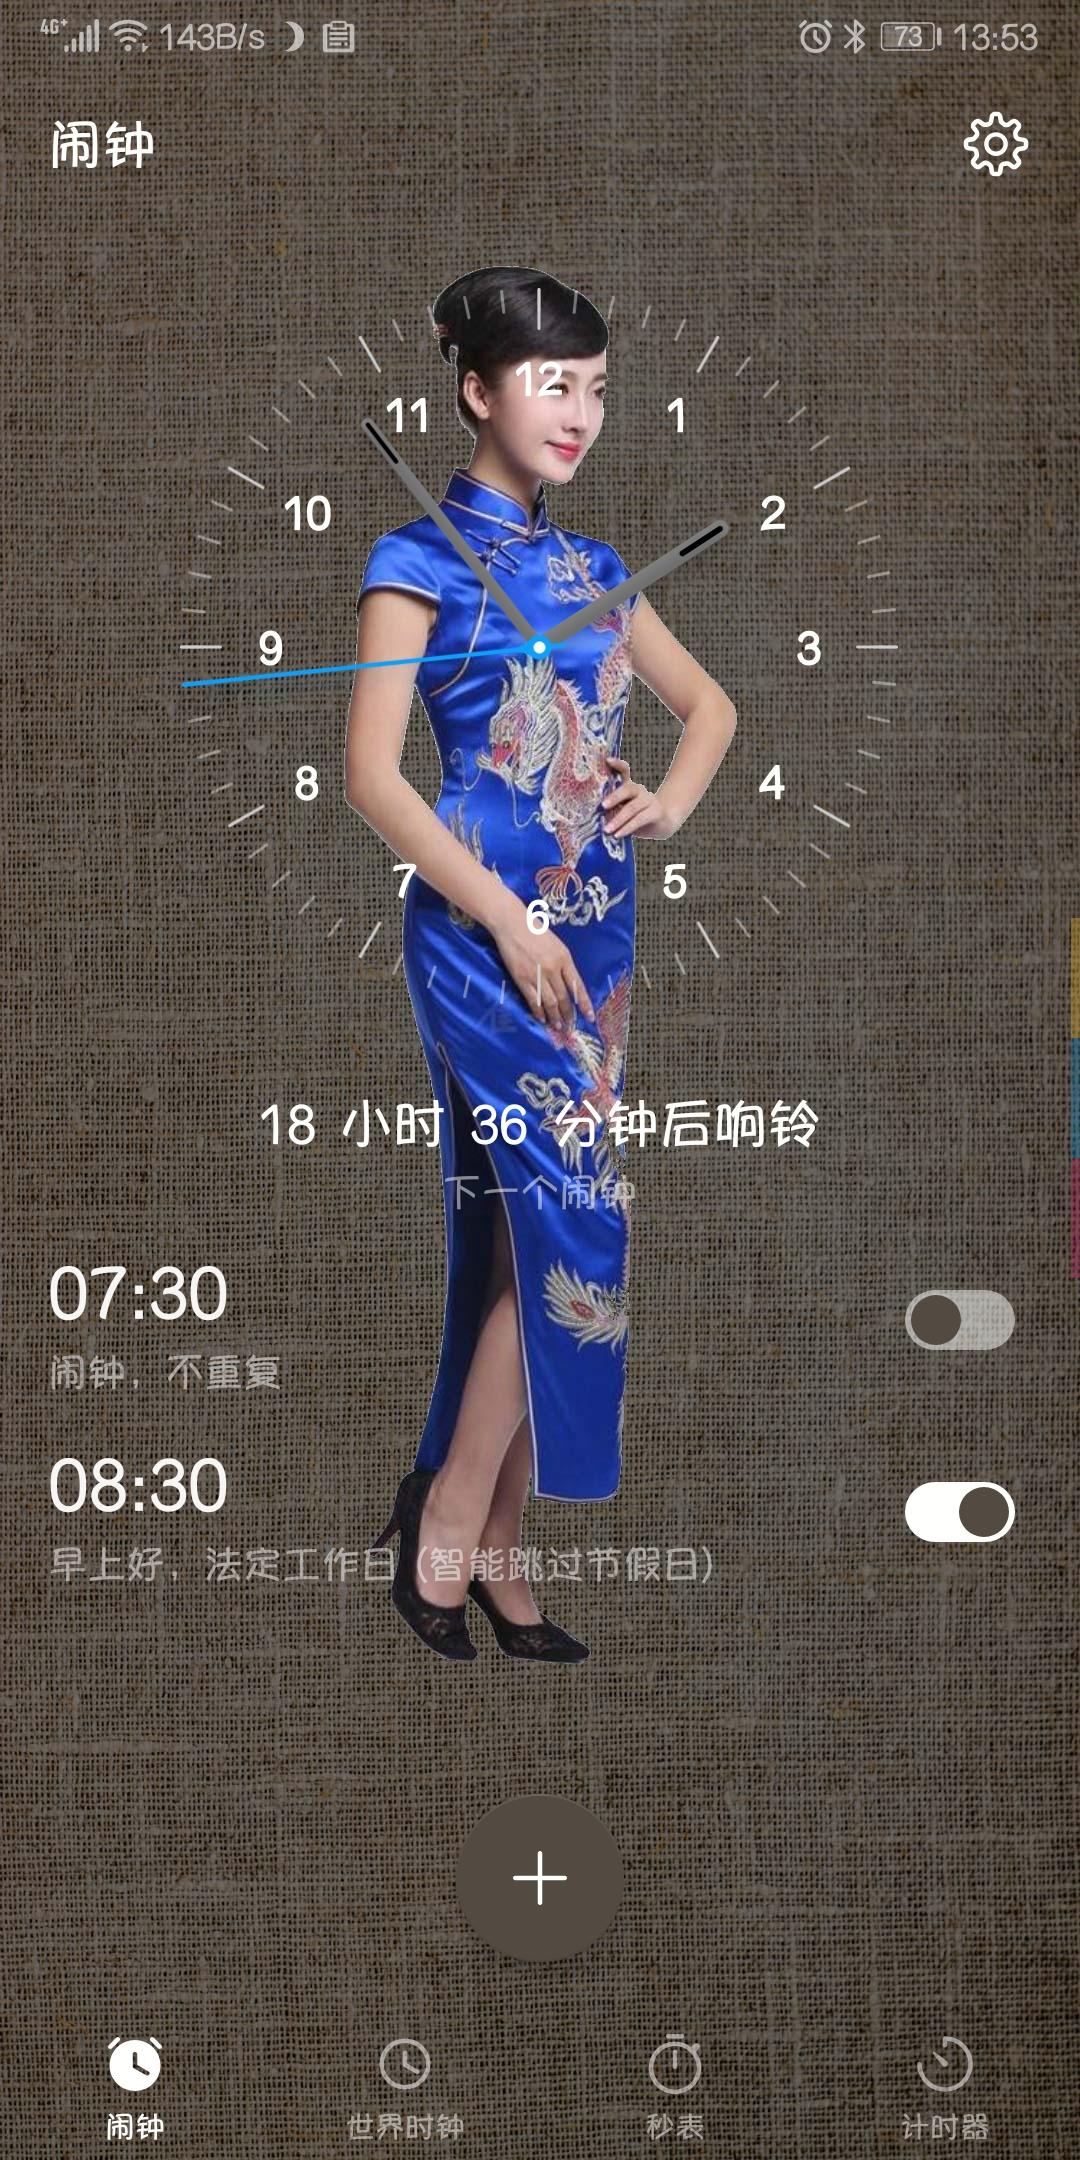 Screenshot_20190318_135344_com.android.deskclock.jpg